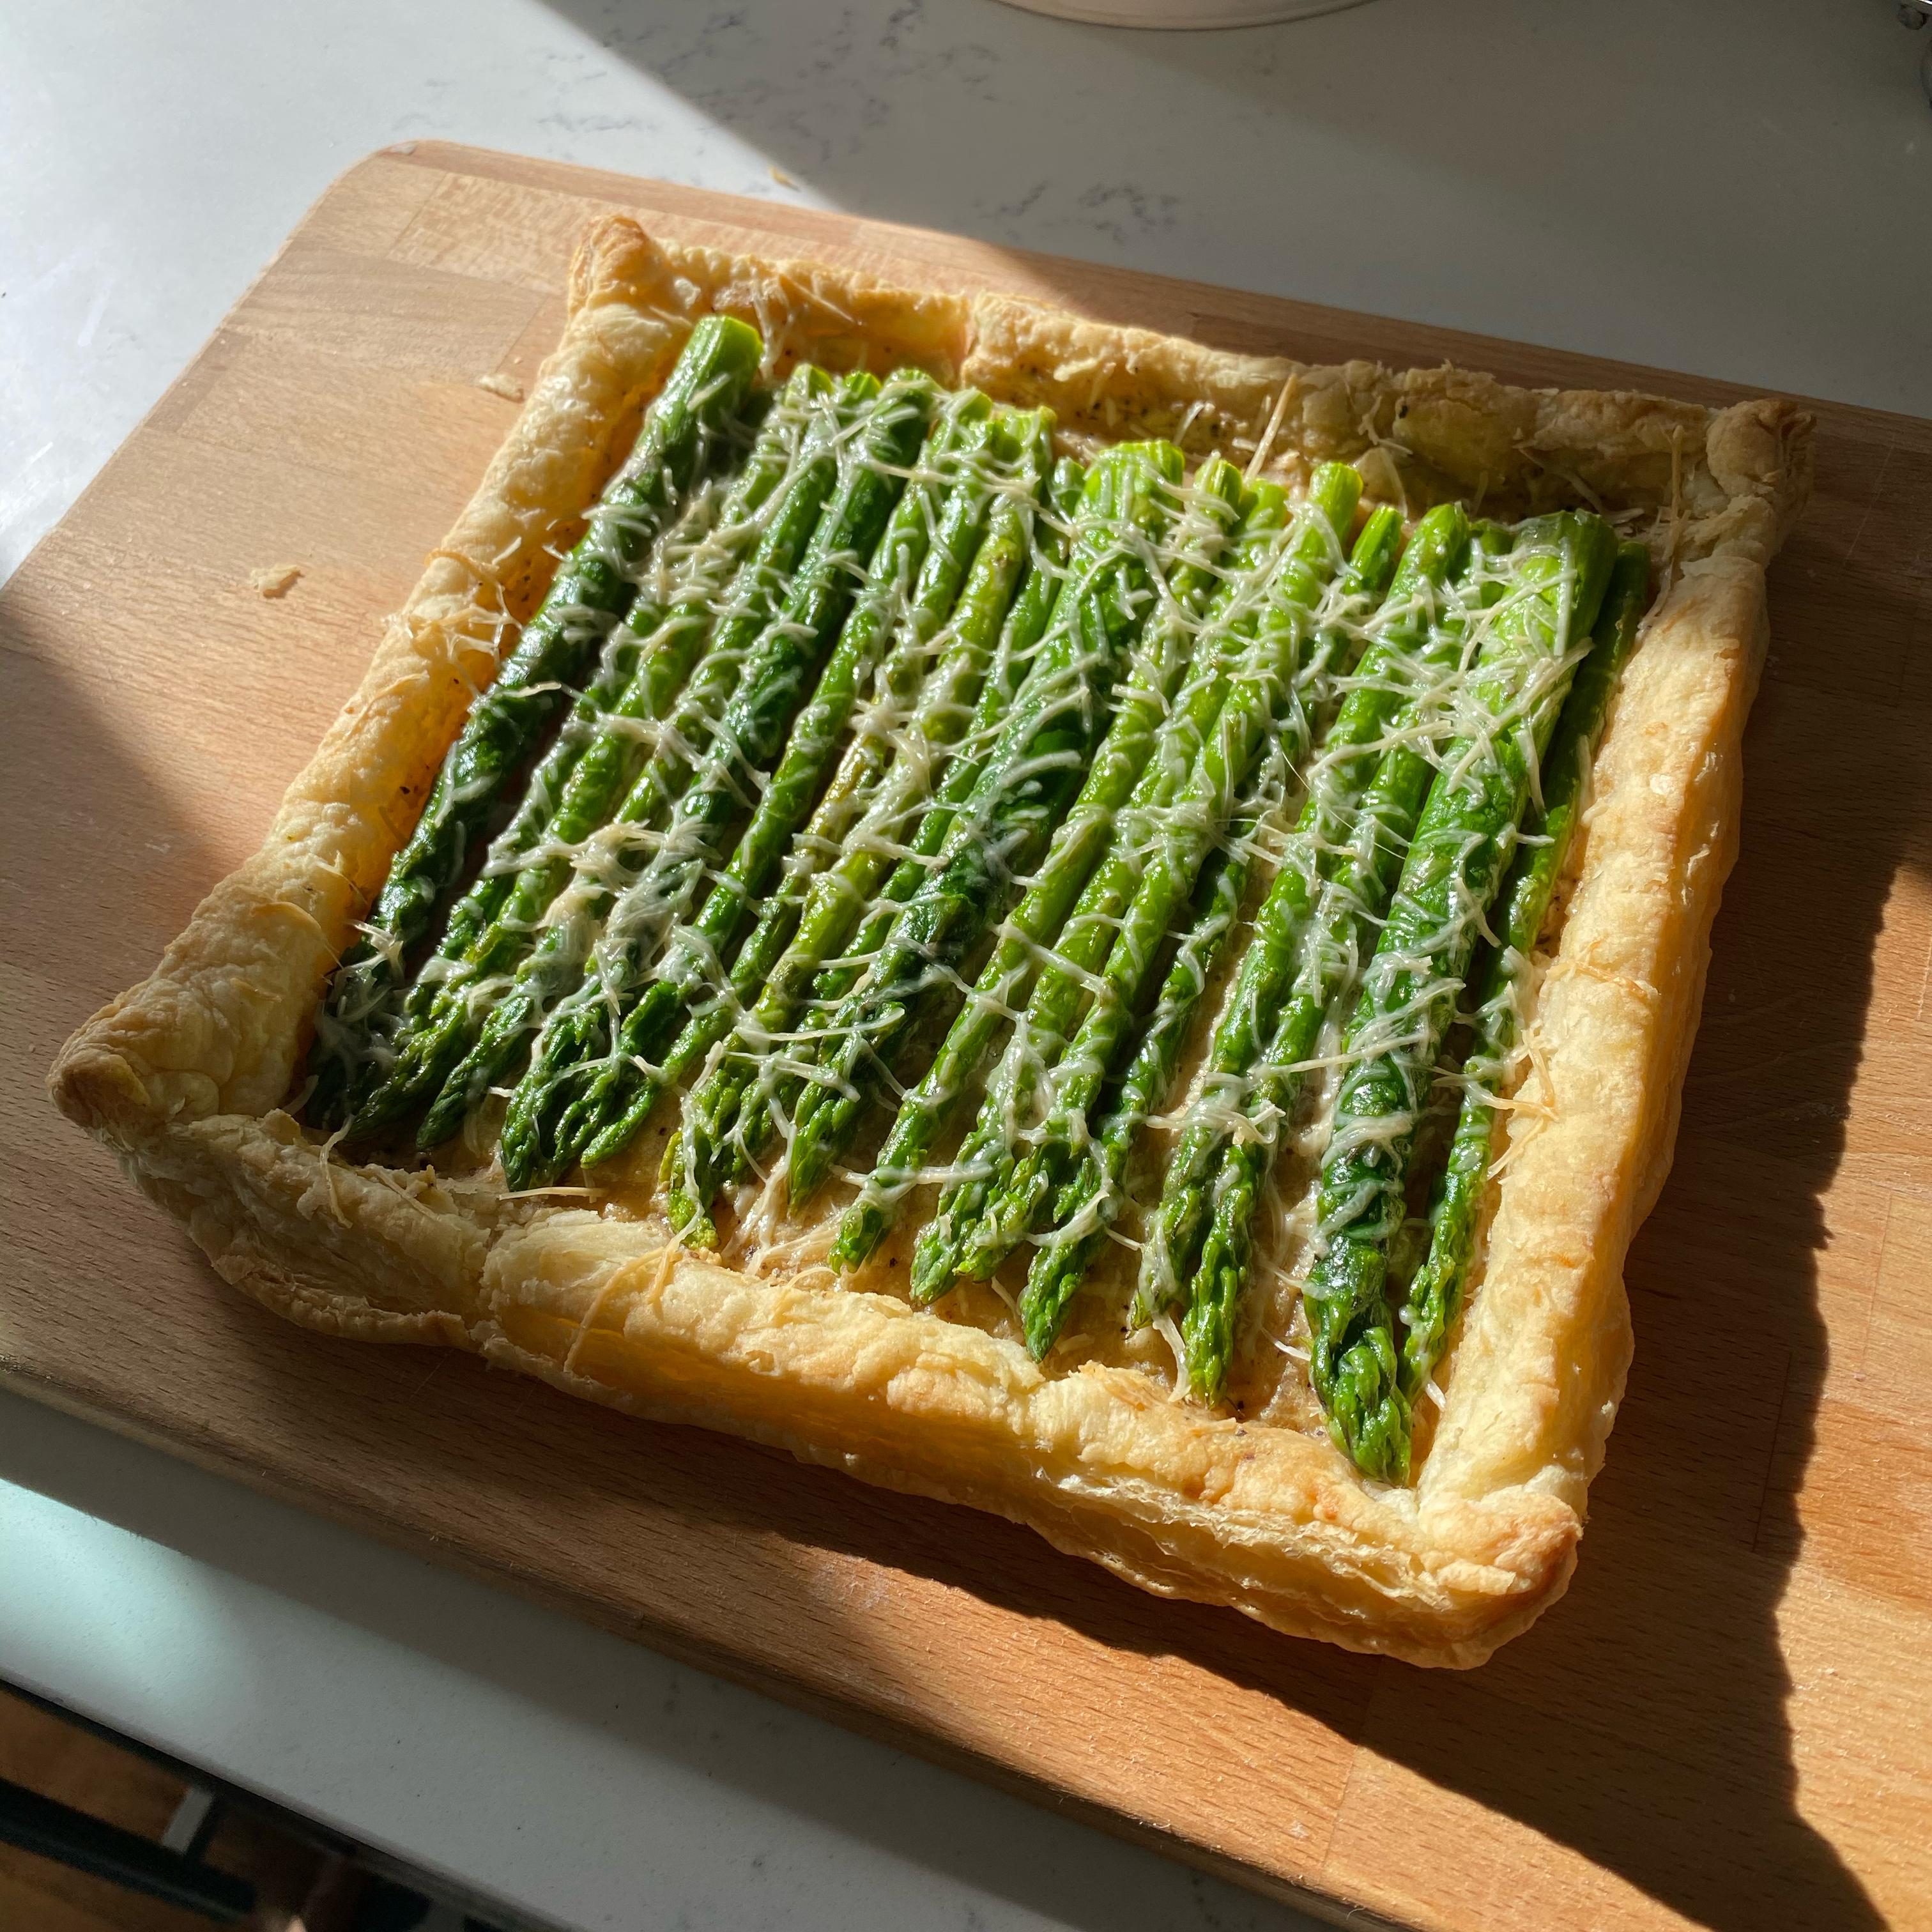 Chef John's Asparagus Tart David Raya